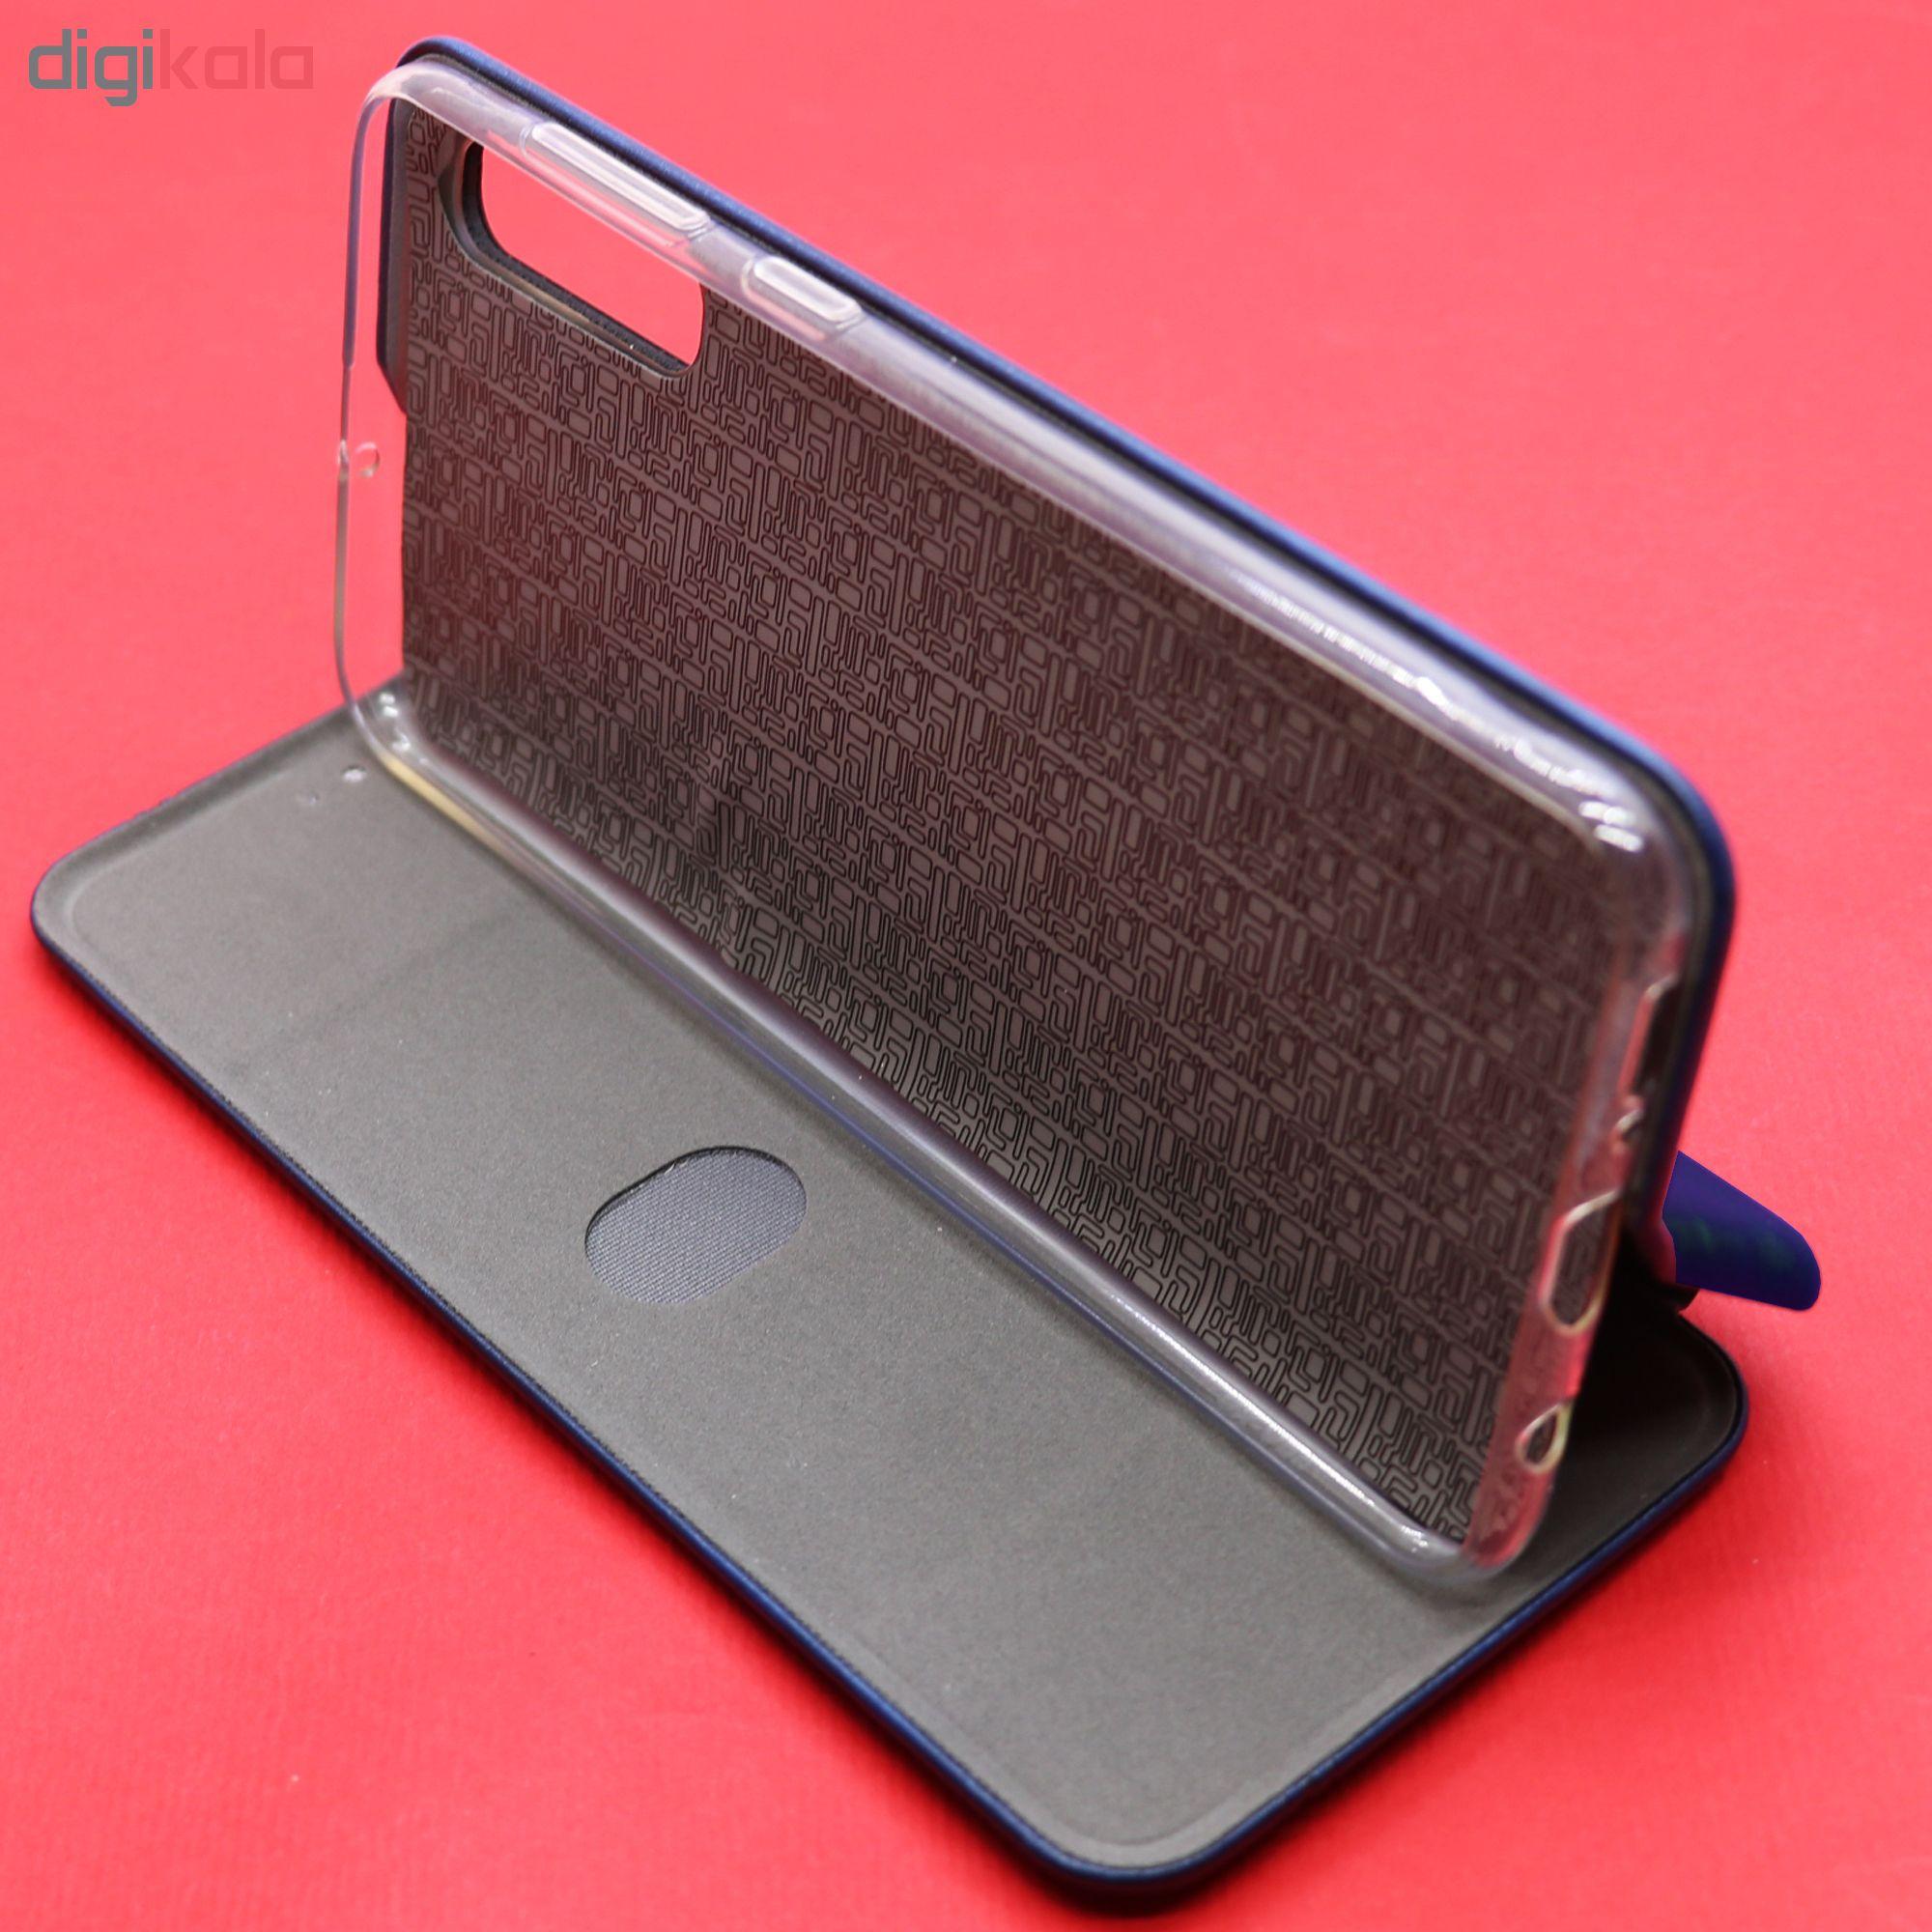 کیف مومکس مدل D-1 مناسب برای گوشی موبایل سامسونگ Galaxy A50